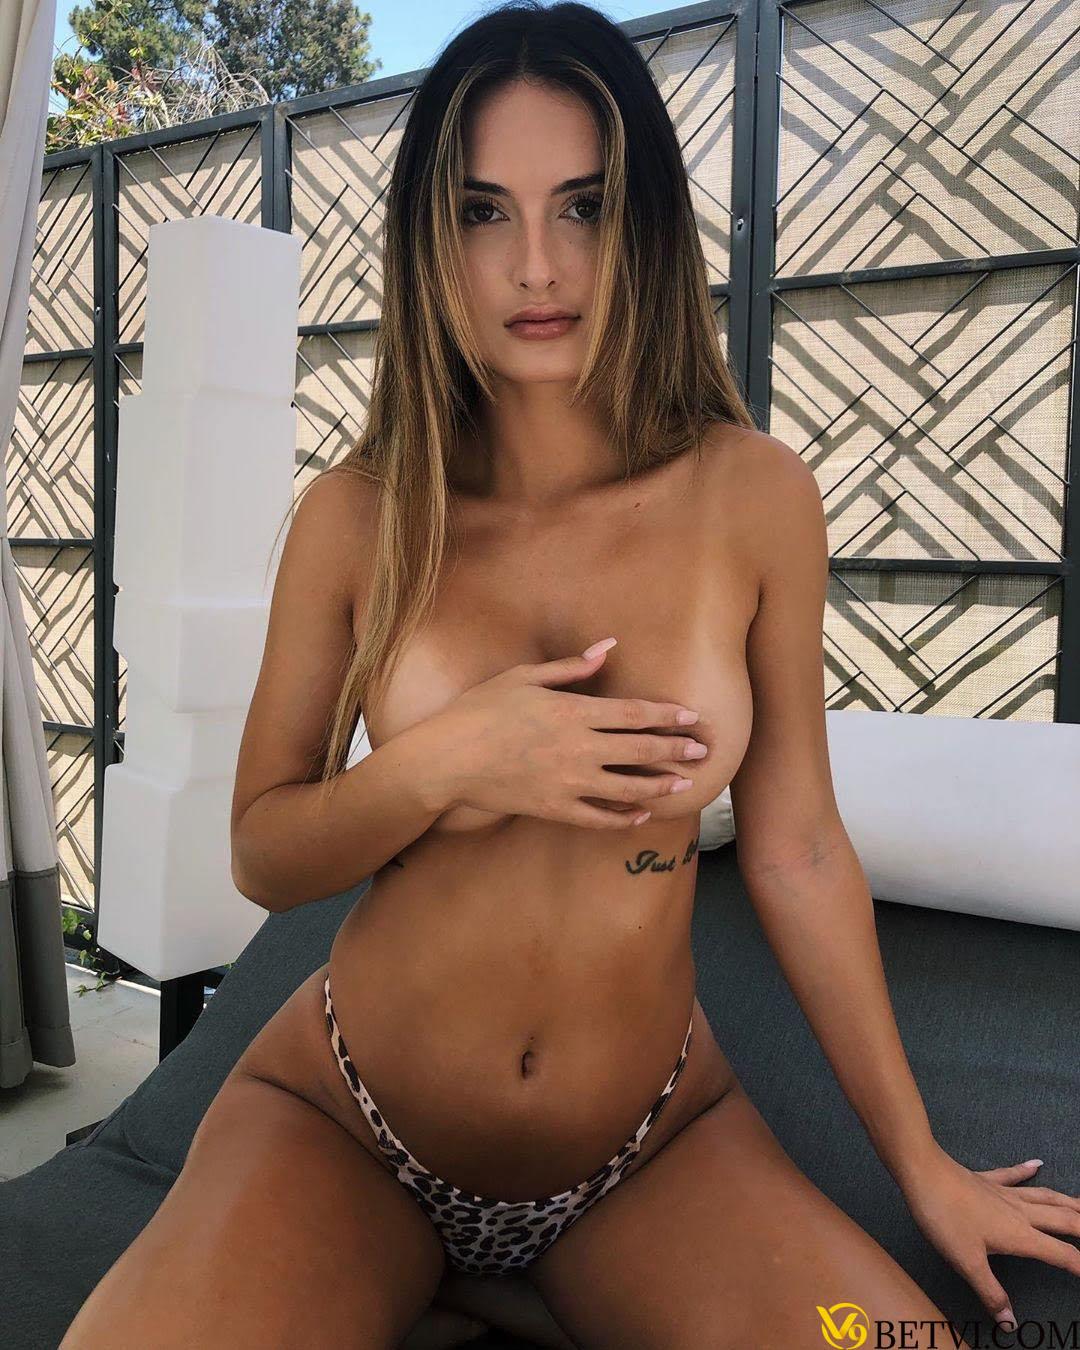 Người đẹp Julia Rose tung ảnh khỏa thân cực mát